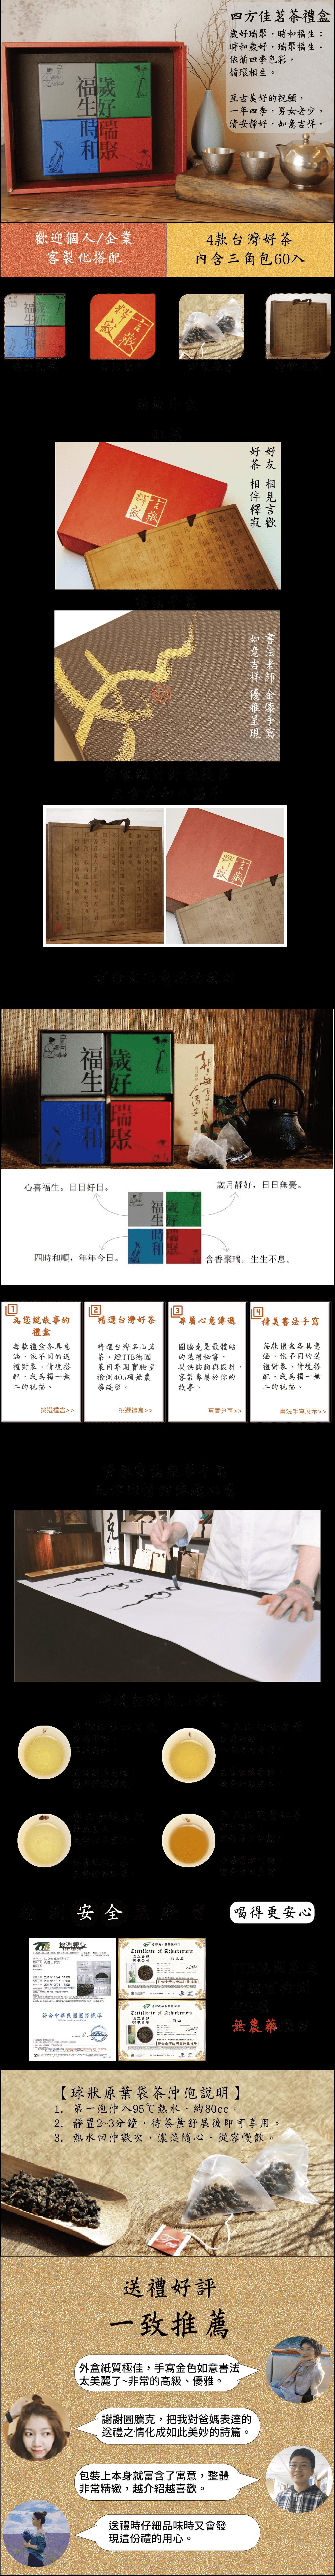 圖騰克totemker - 四方佳茗禮盒 3克袋茶60入